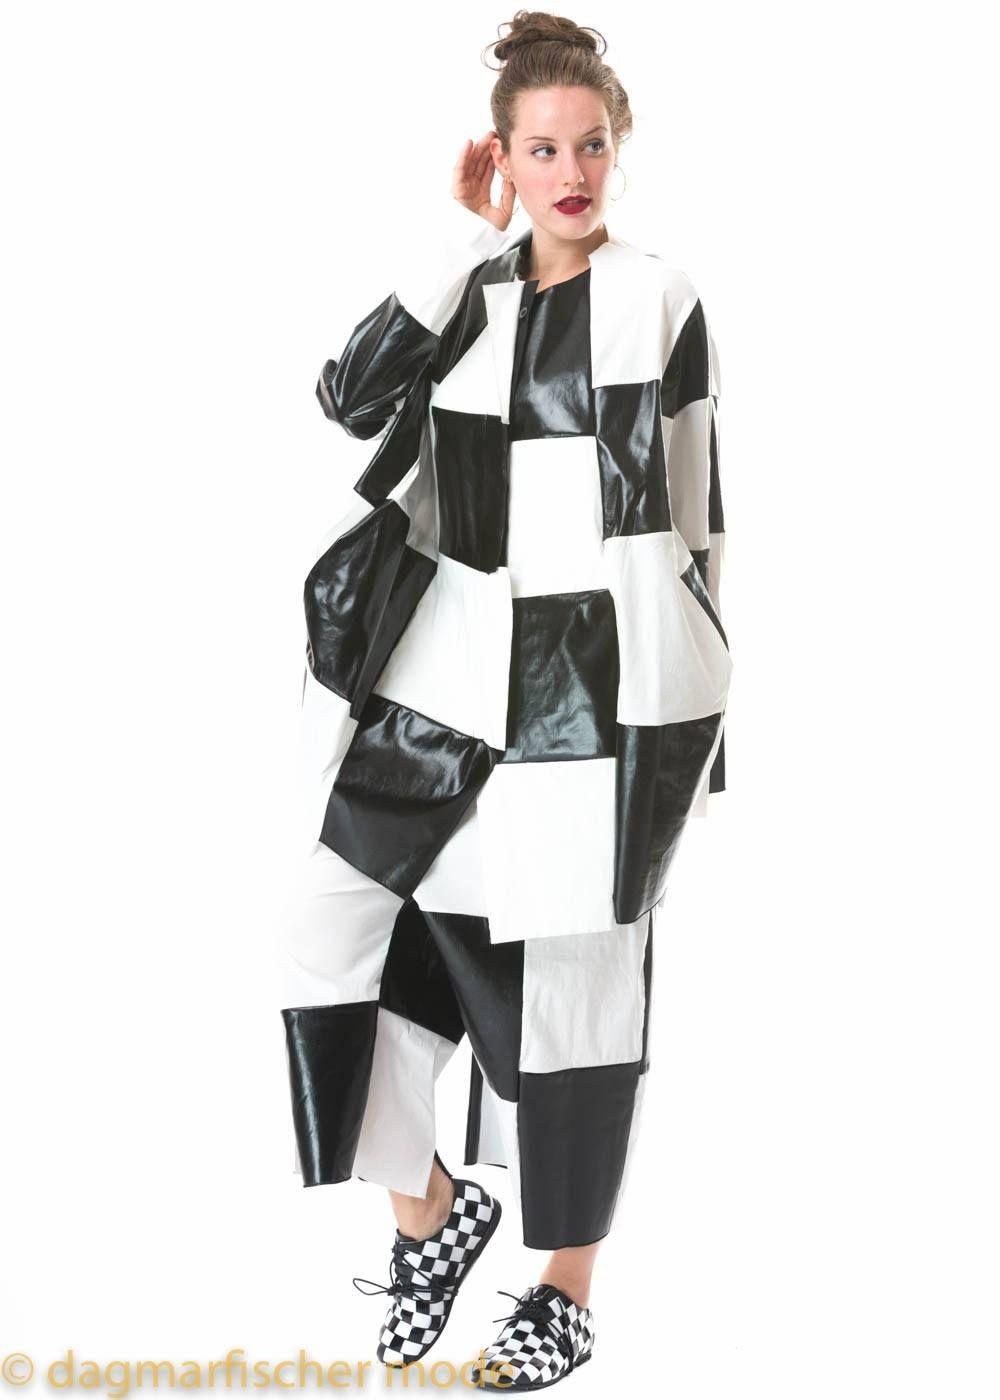 03583ca741207b Onesize Jacke aus Stretchware in original und black von RUNDHOLZ -  dagmarfischer mode